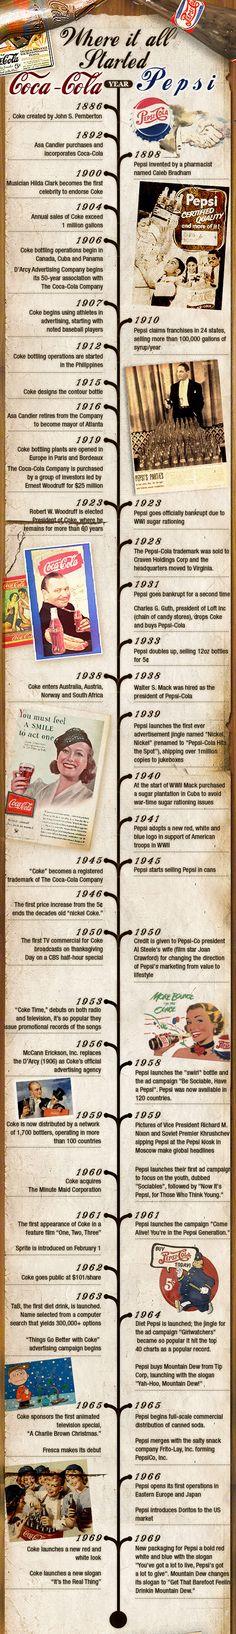 Interactive Infographic: Coca-Cola vs. Pepsi